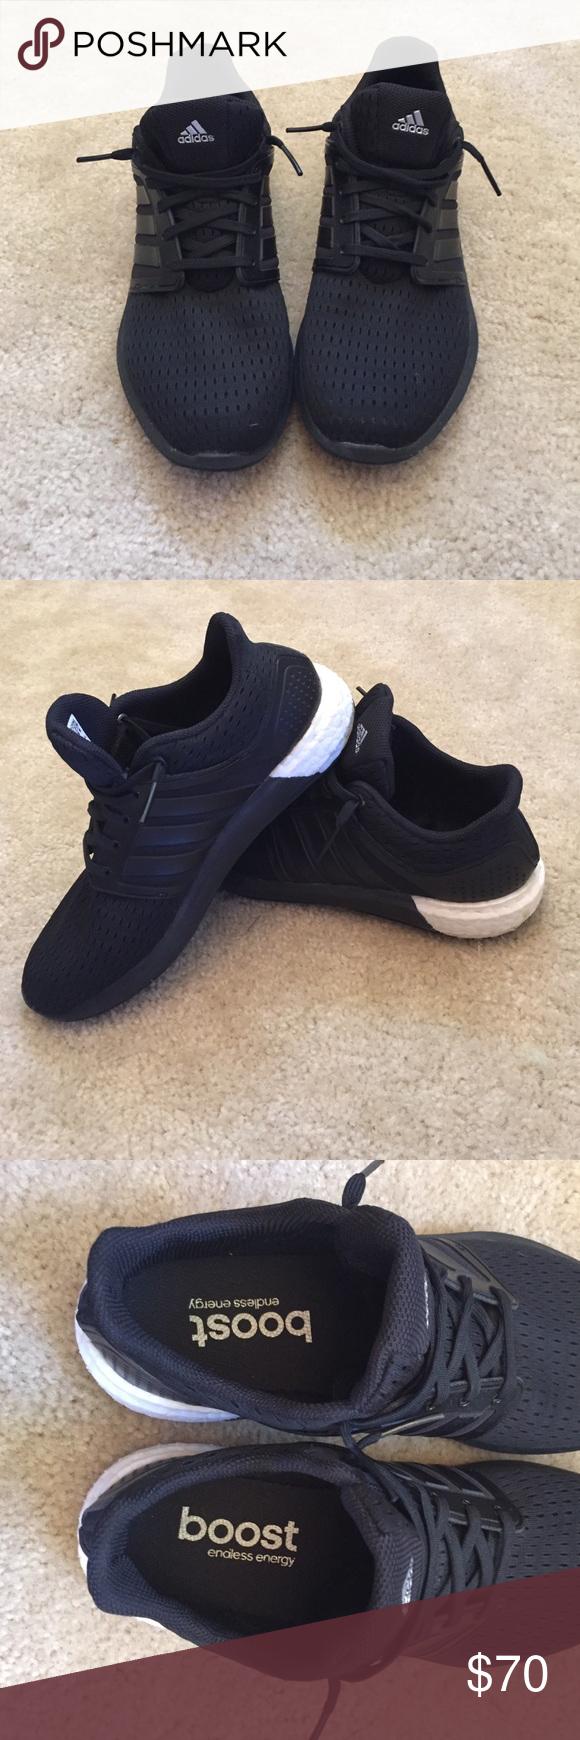 Black Nike Bootie Shoe Women Size 8.5